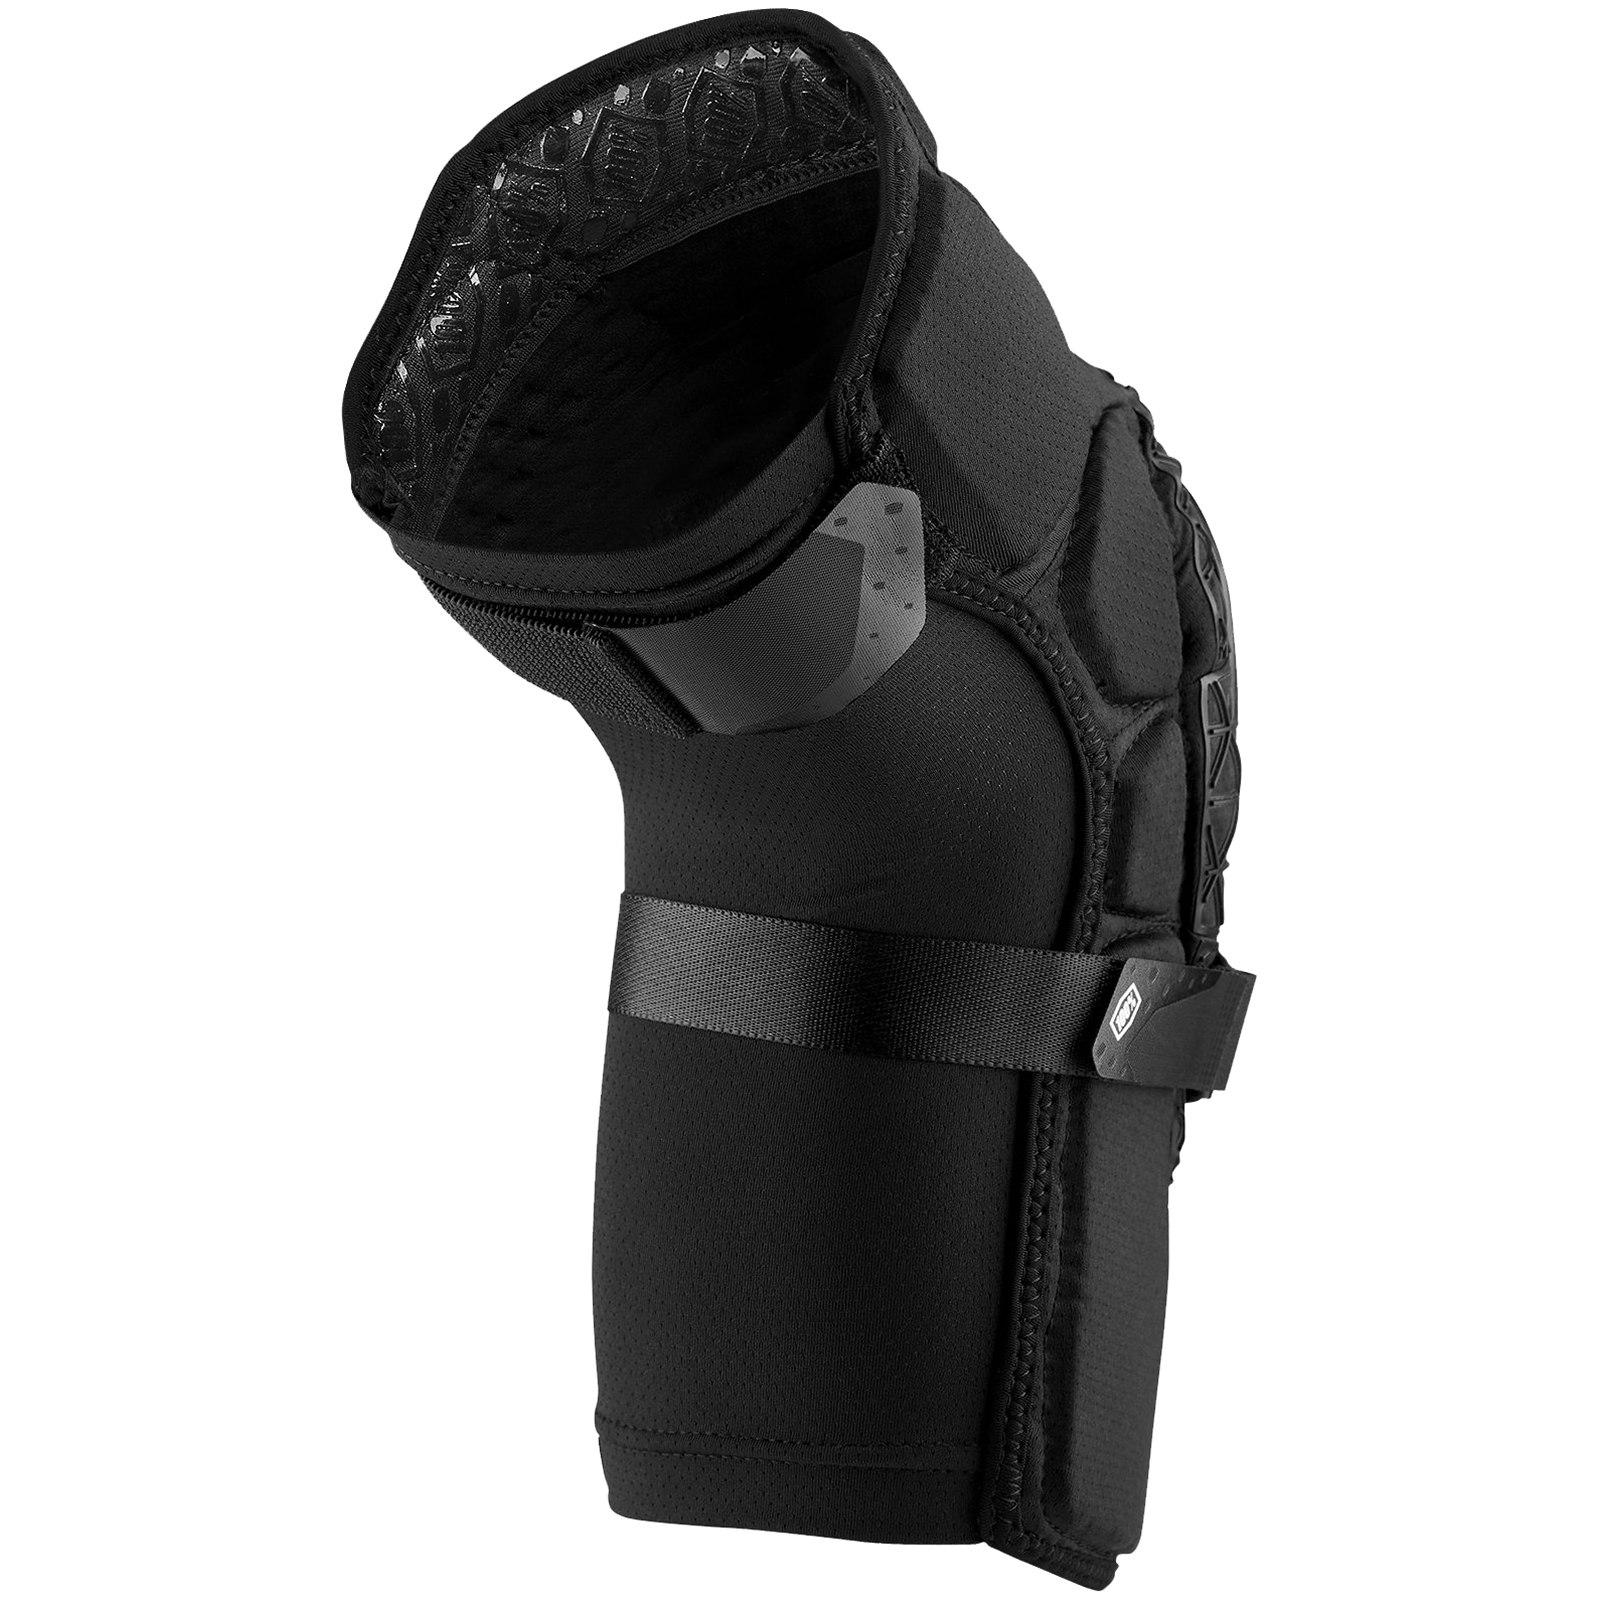 Imagen de 100% Surpass Knee Guard - Black